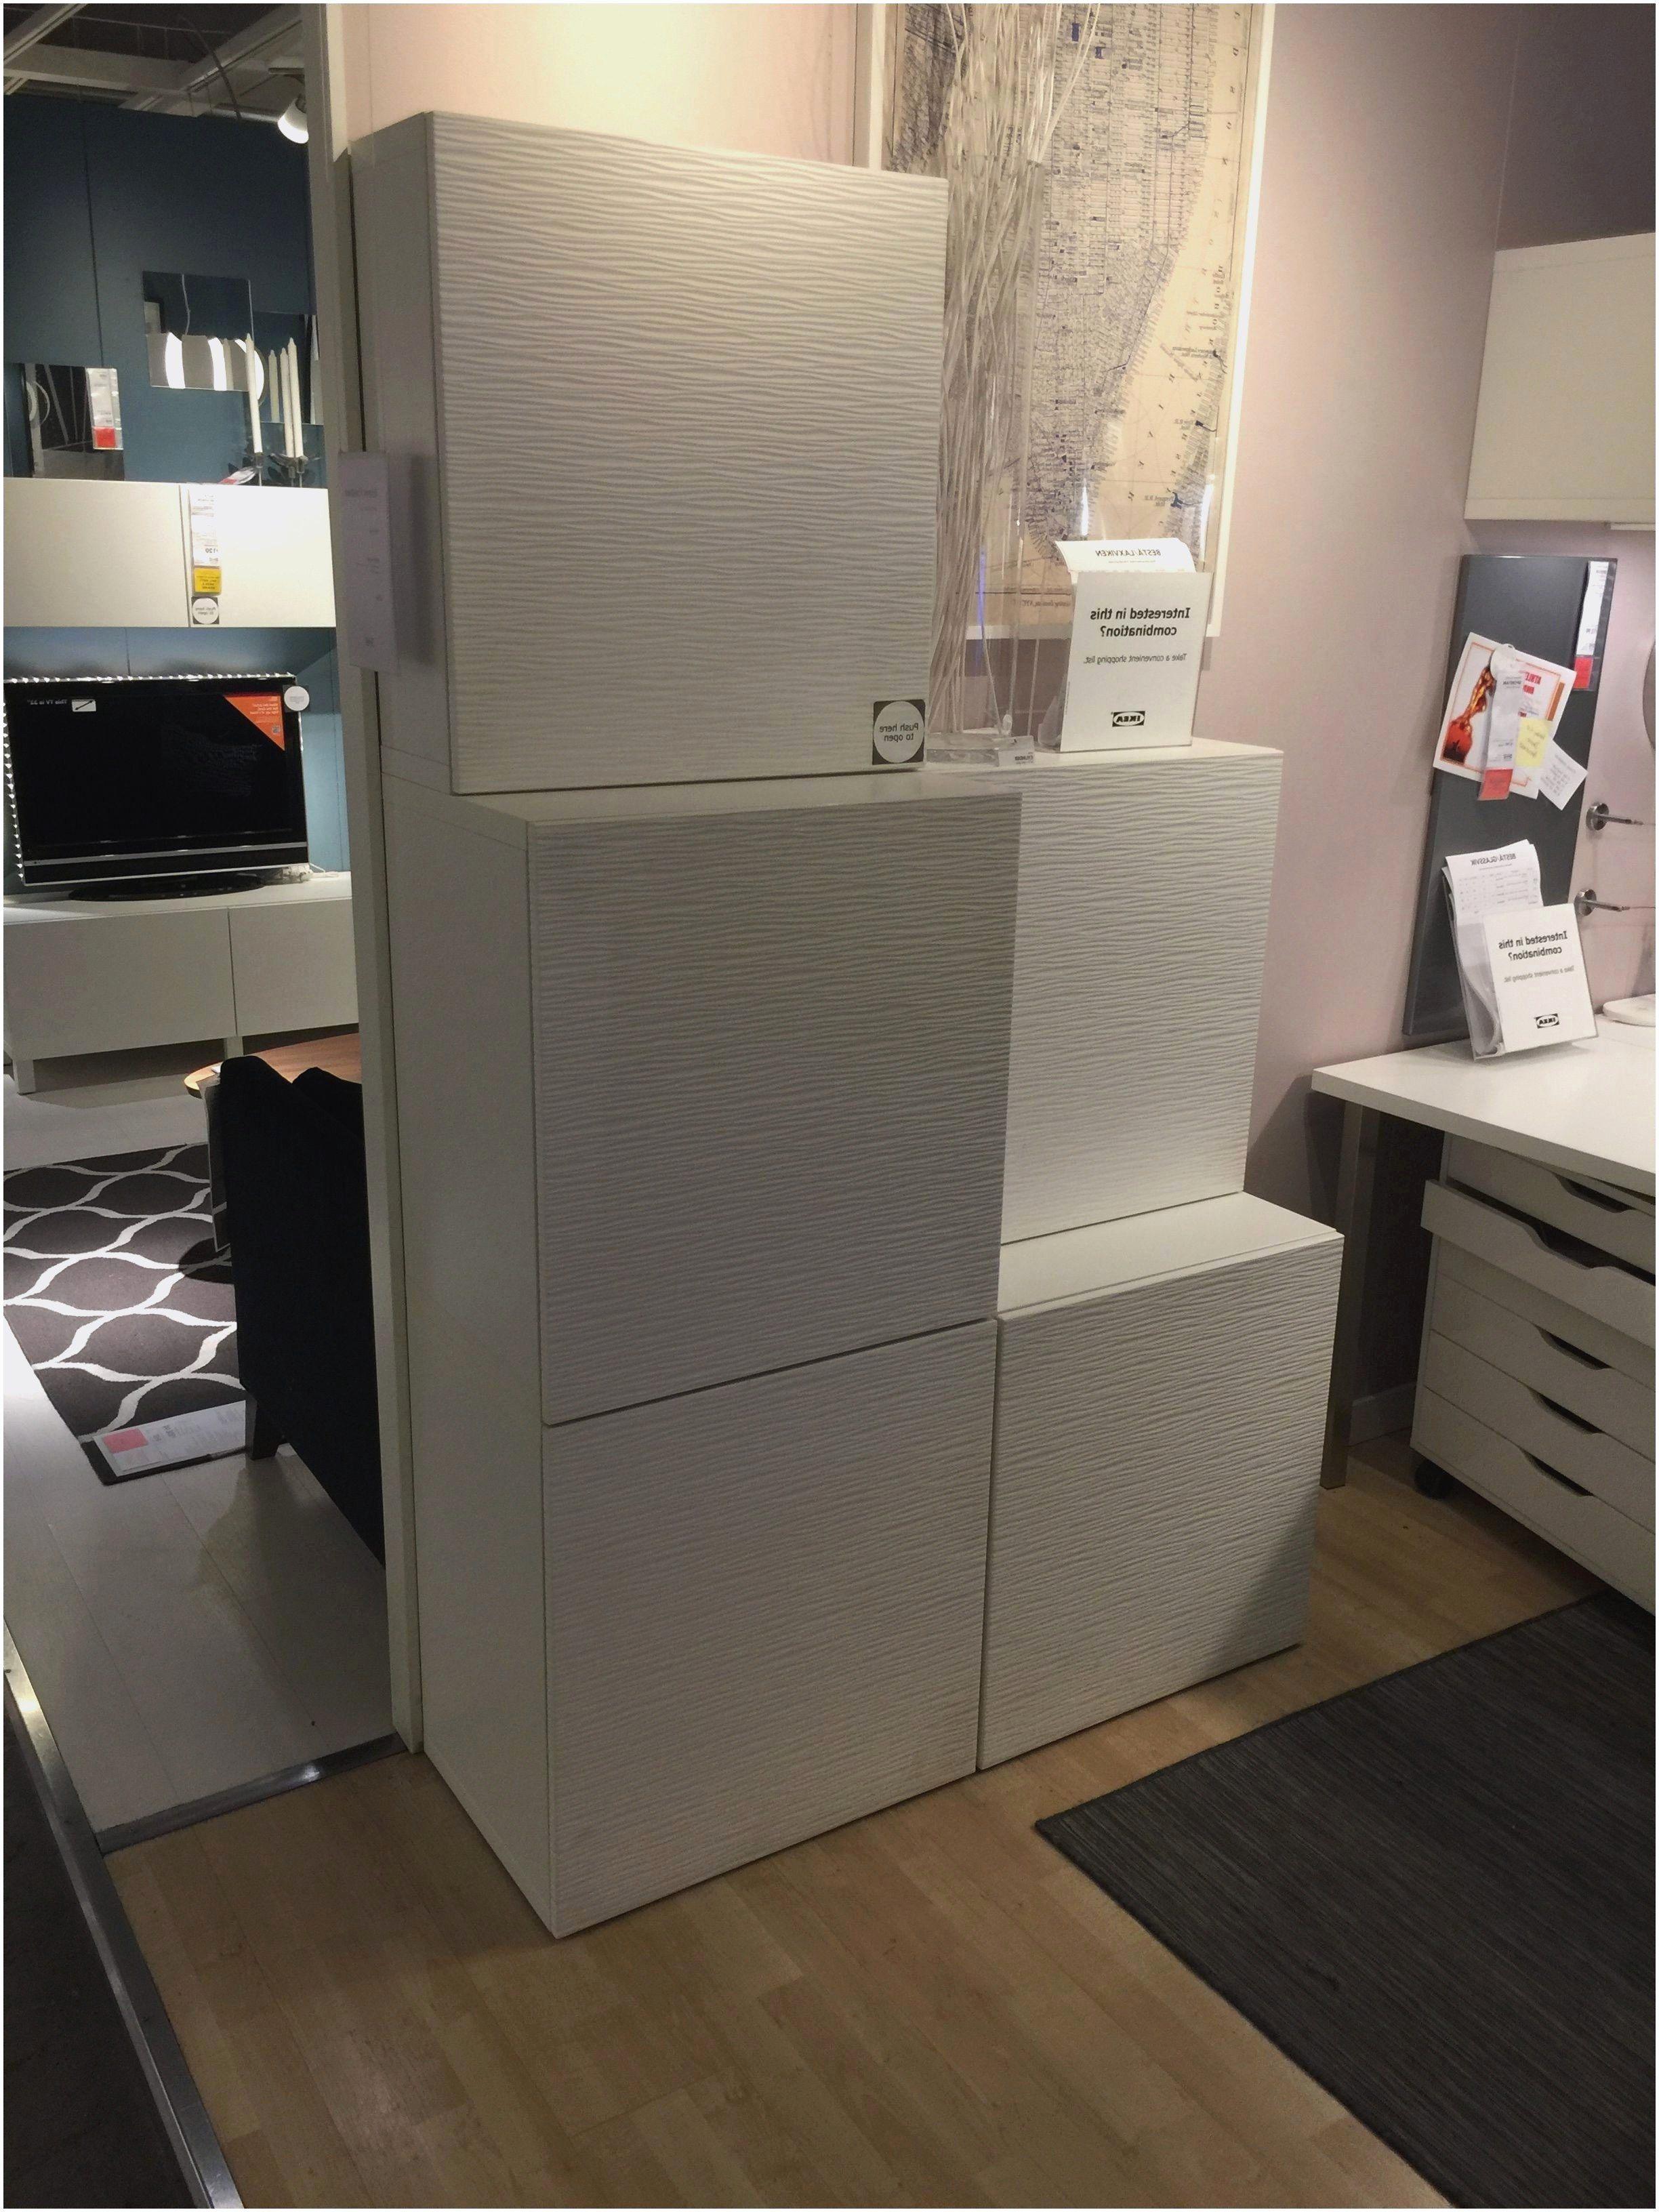 Armoire Lit Escamotable Ikea s De Produit Lits Escamotables